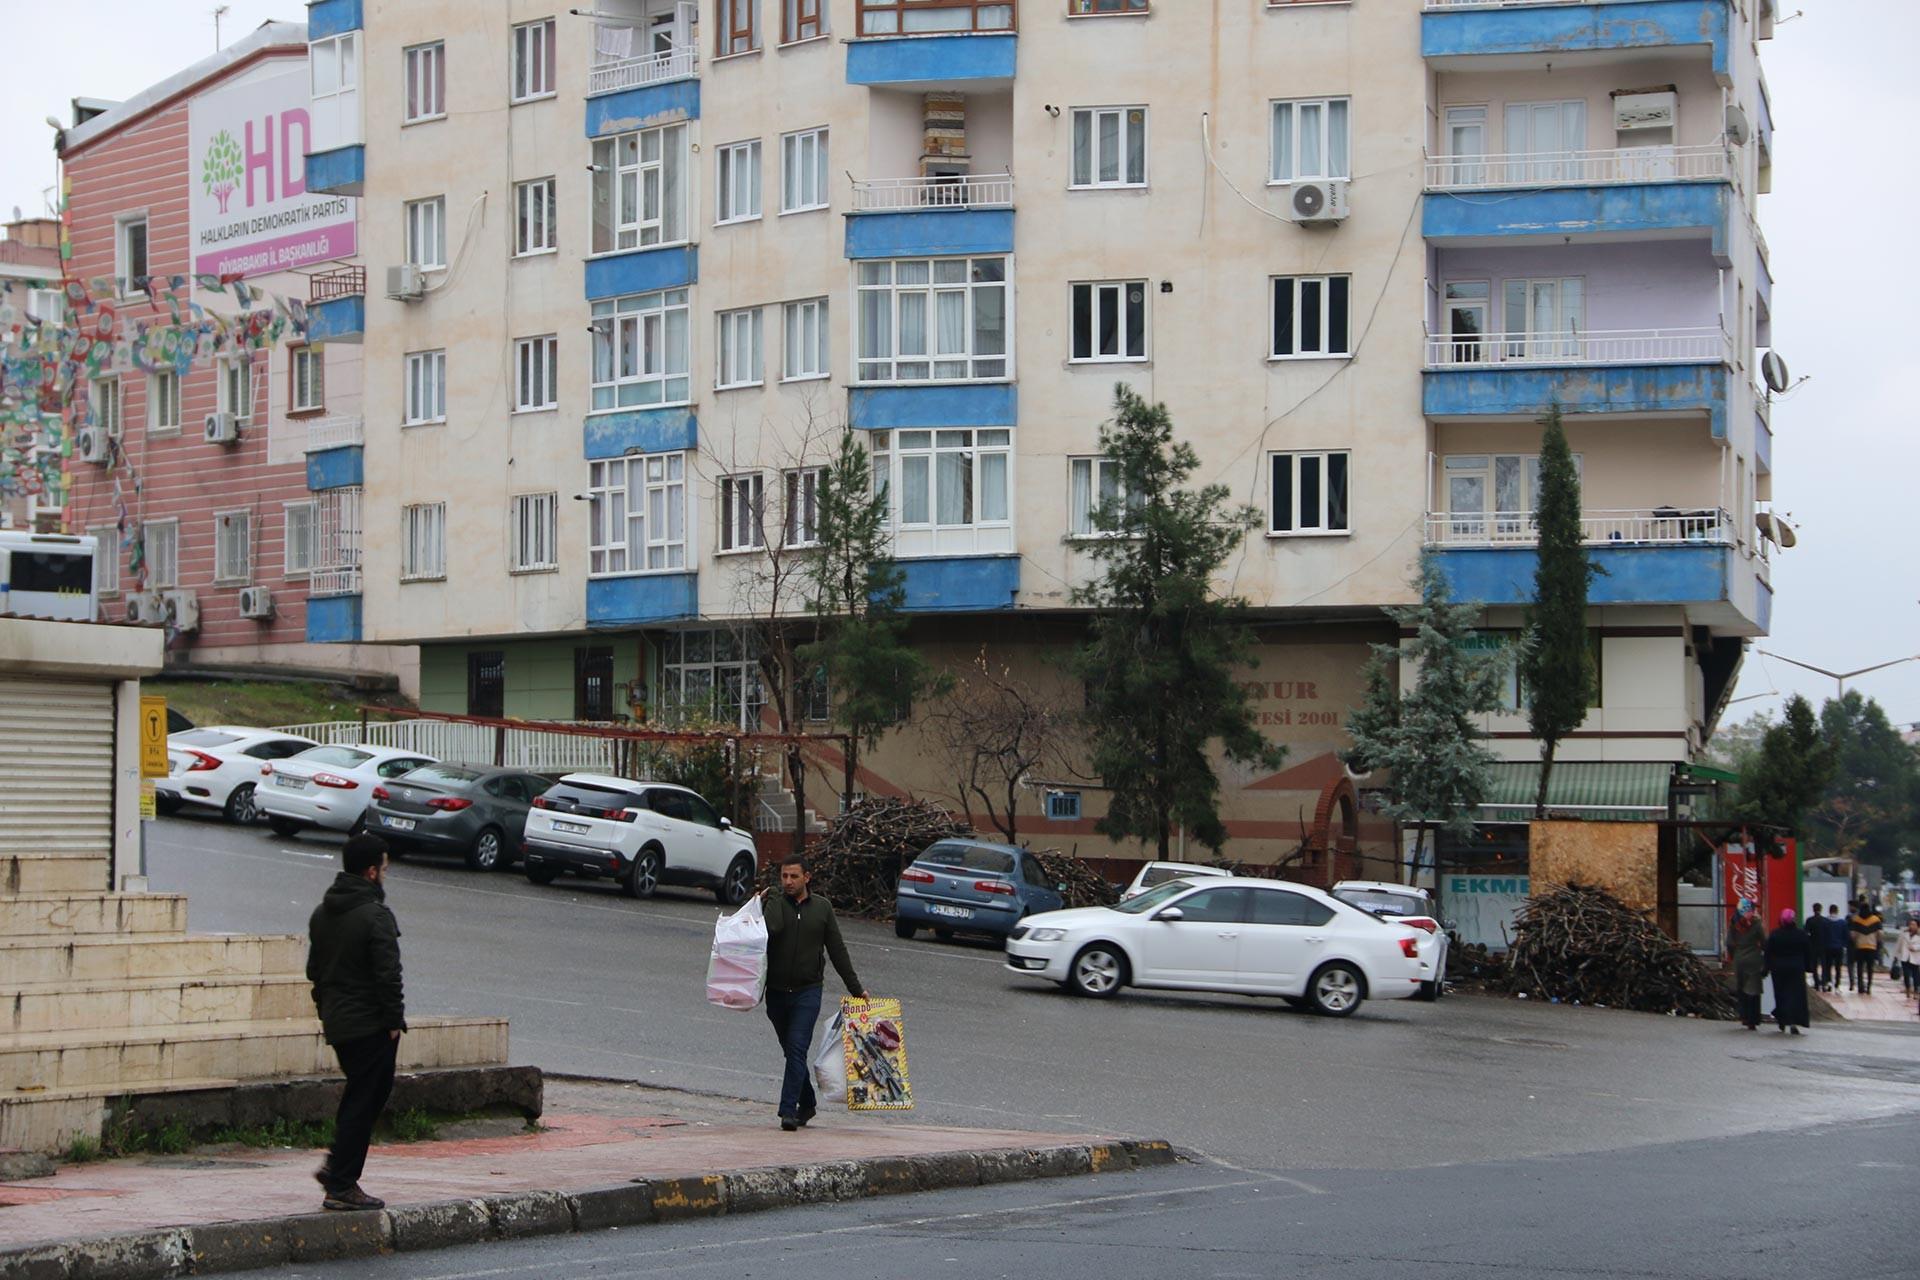 Diyarbakır'da Cihan Can'ın çevik kuvvet minibüsü altında kaldığı bölge